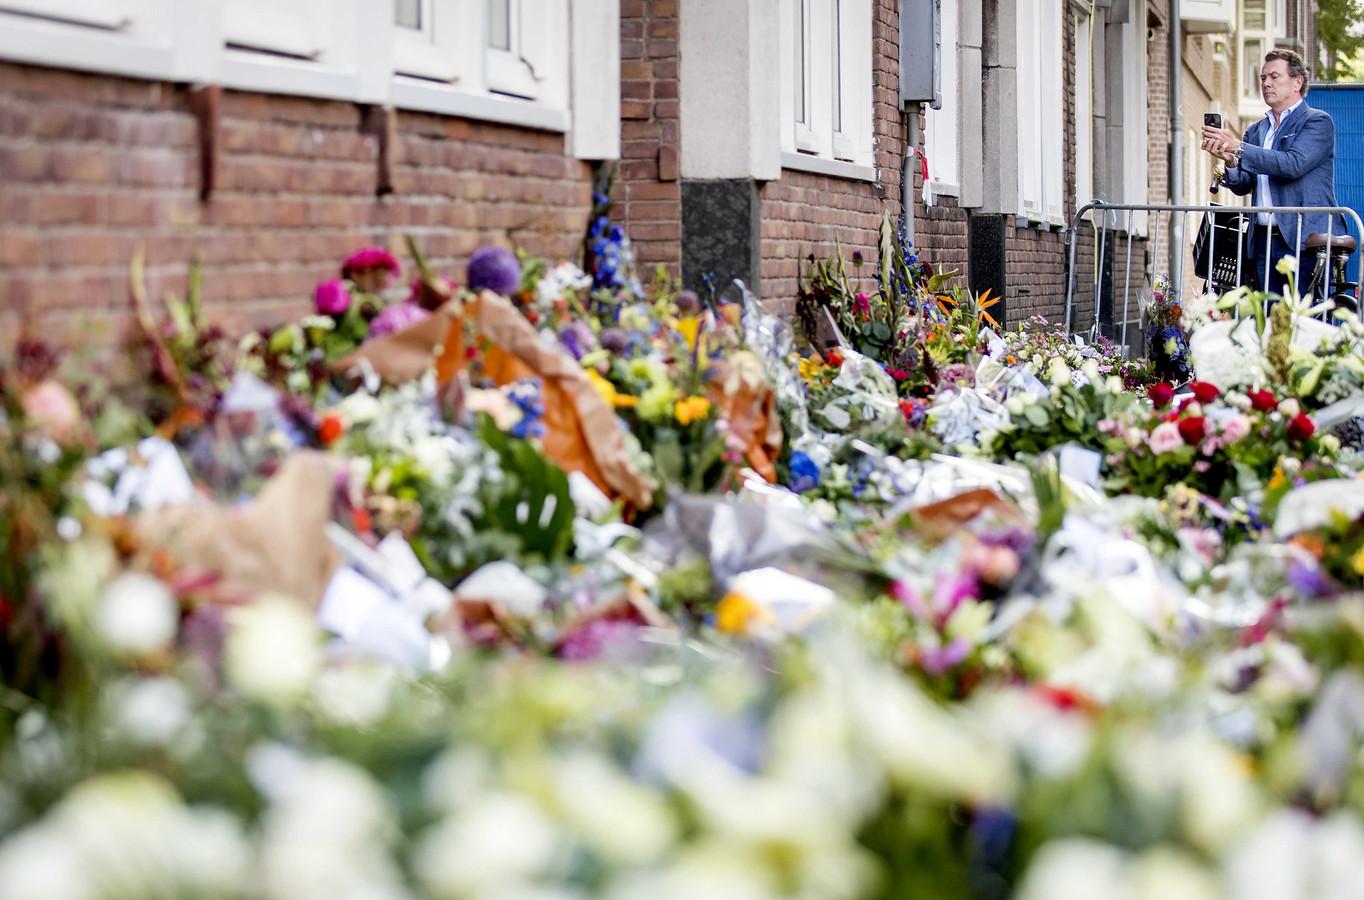 Bloemen bij het kantoor van de doodgeschoten advocaat Derk Wiersum. De raadsman van kroongetuige Nabil B. werd op straat in Amsterdam-Buitenveldert geliquideerd.